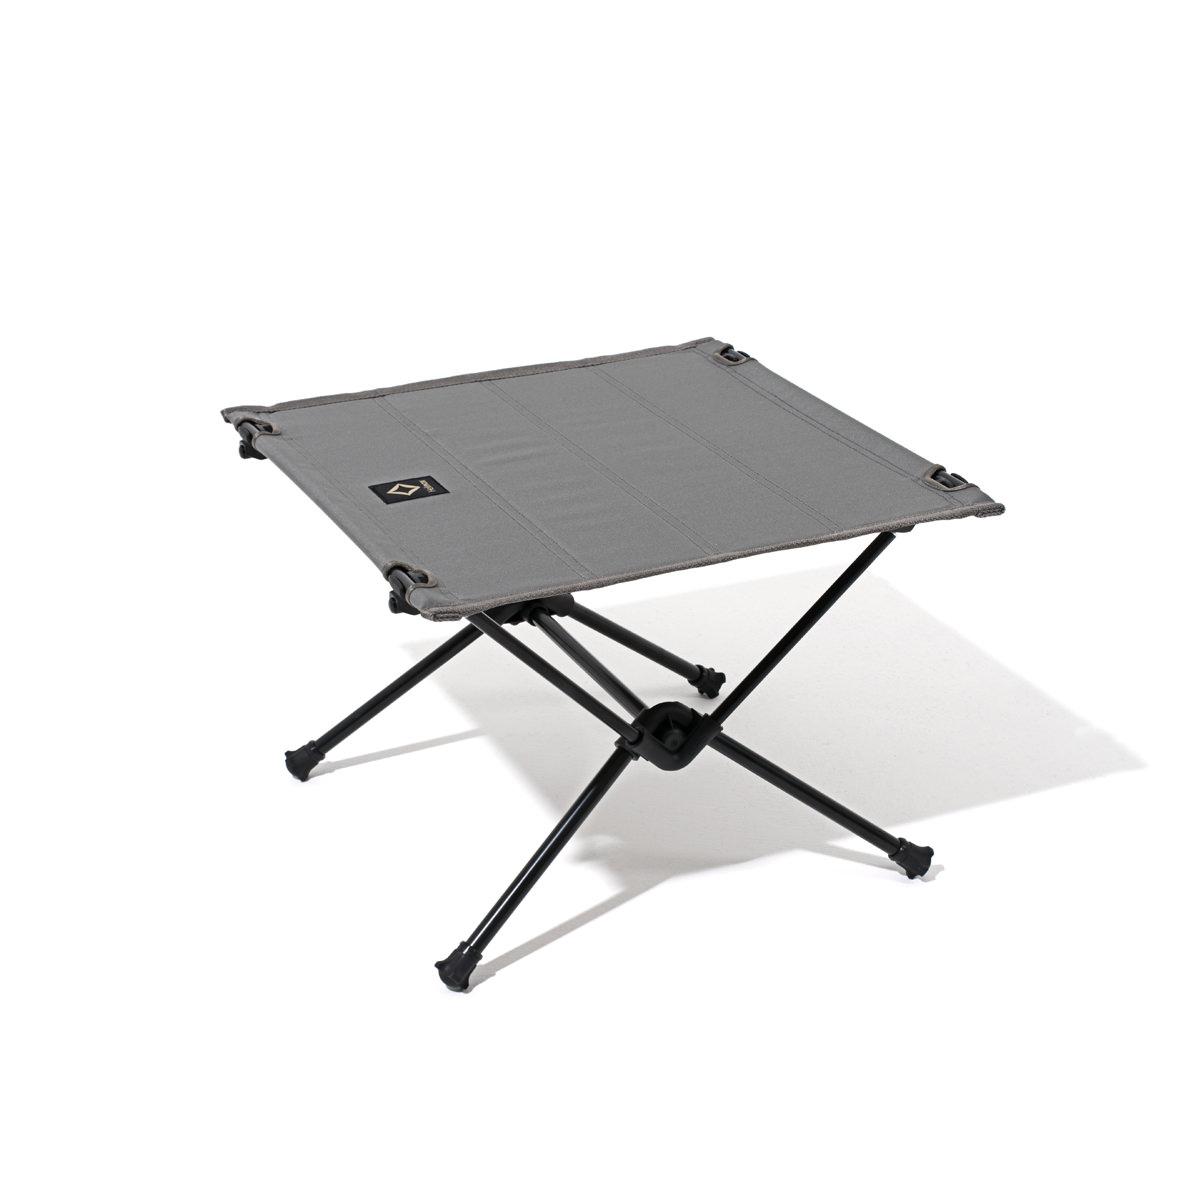 Helinox/ヘリノックス タクティカル テーブル S フォリッジ